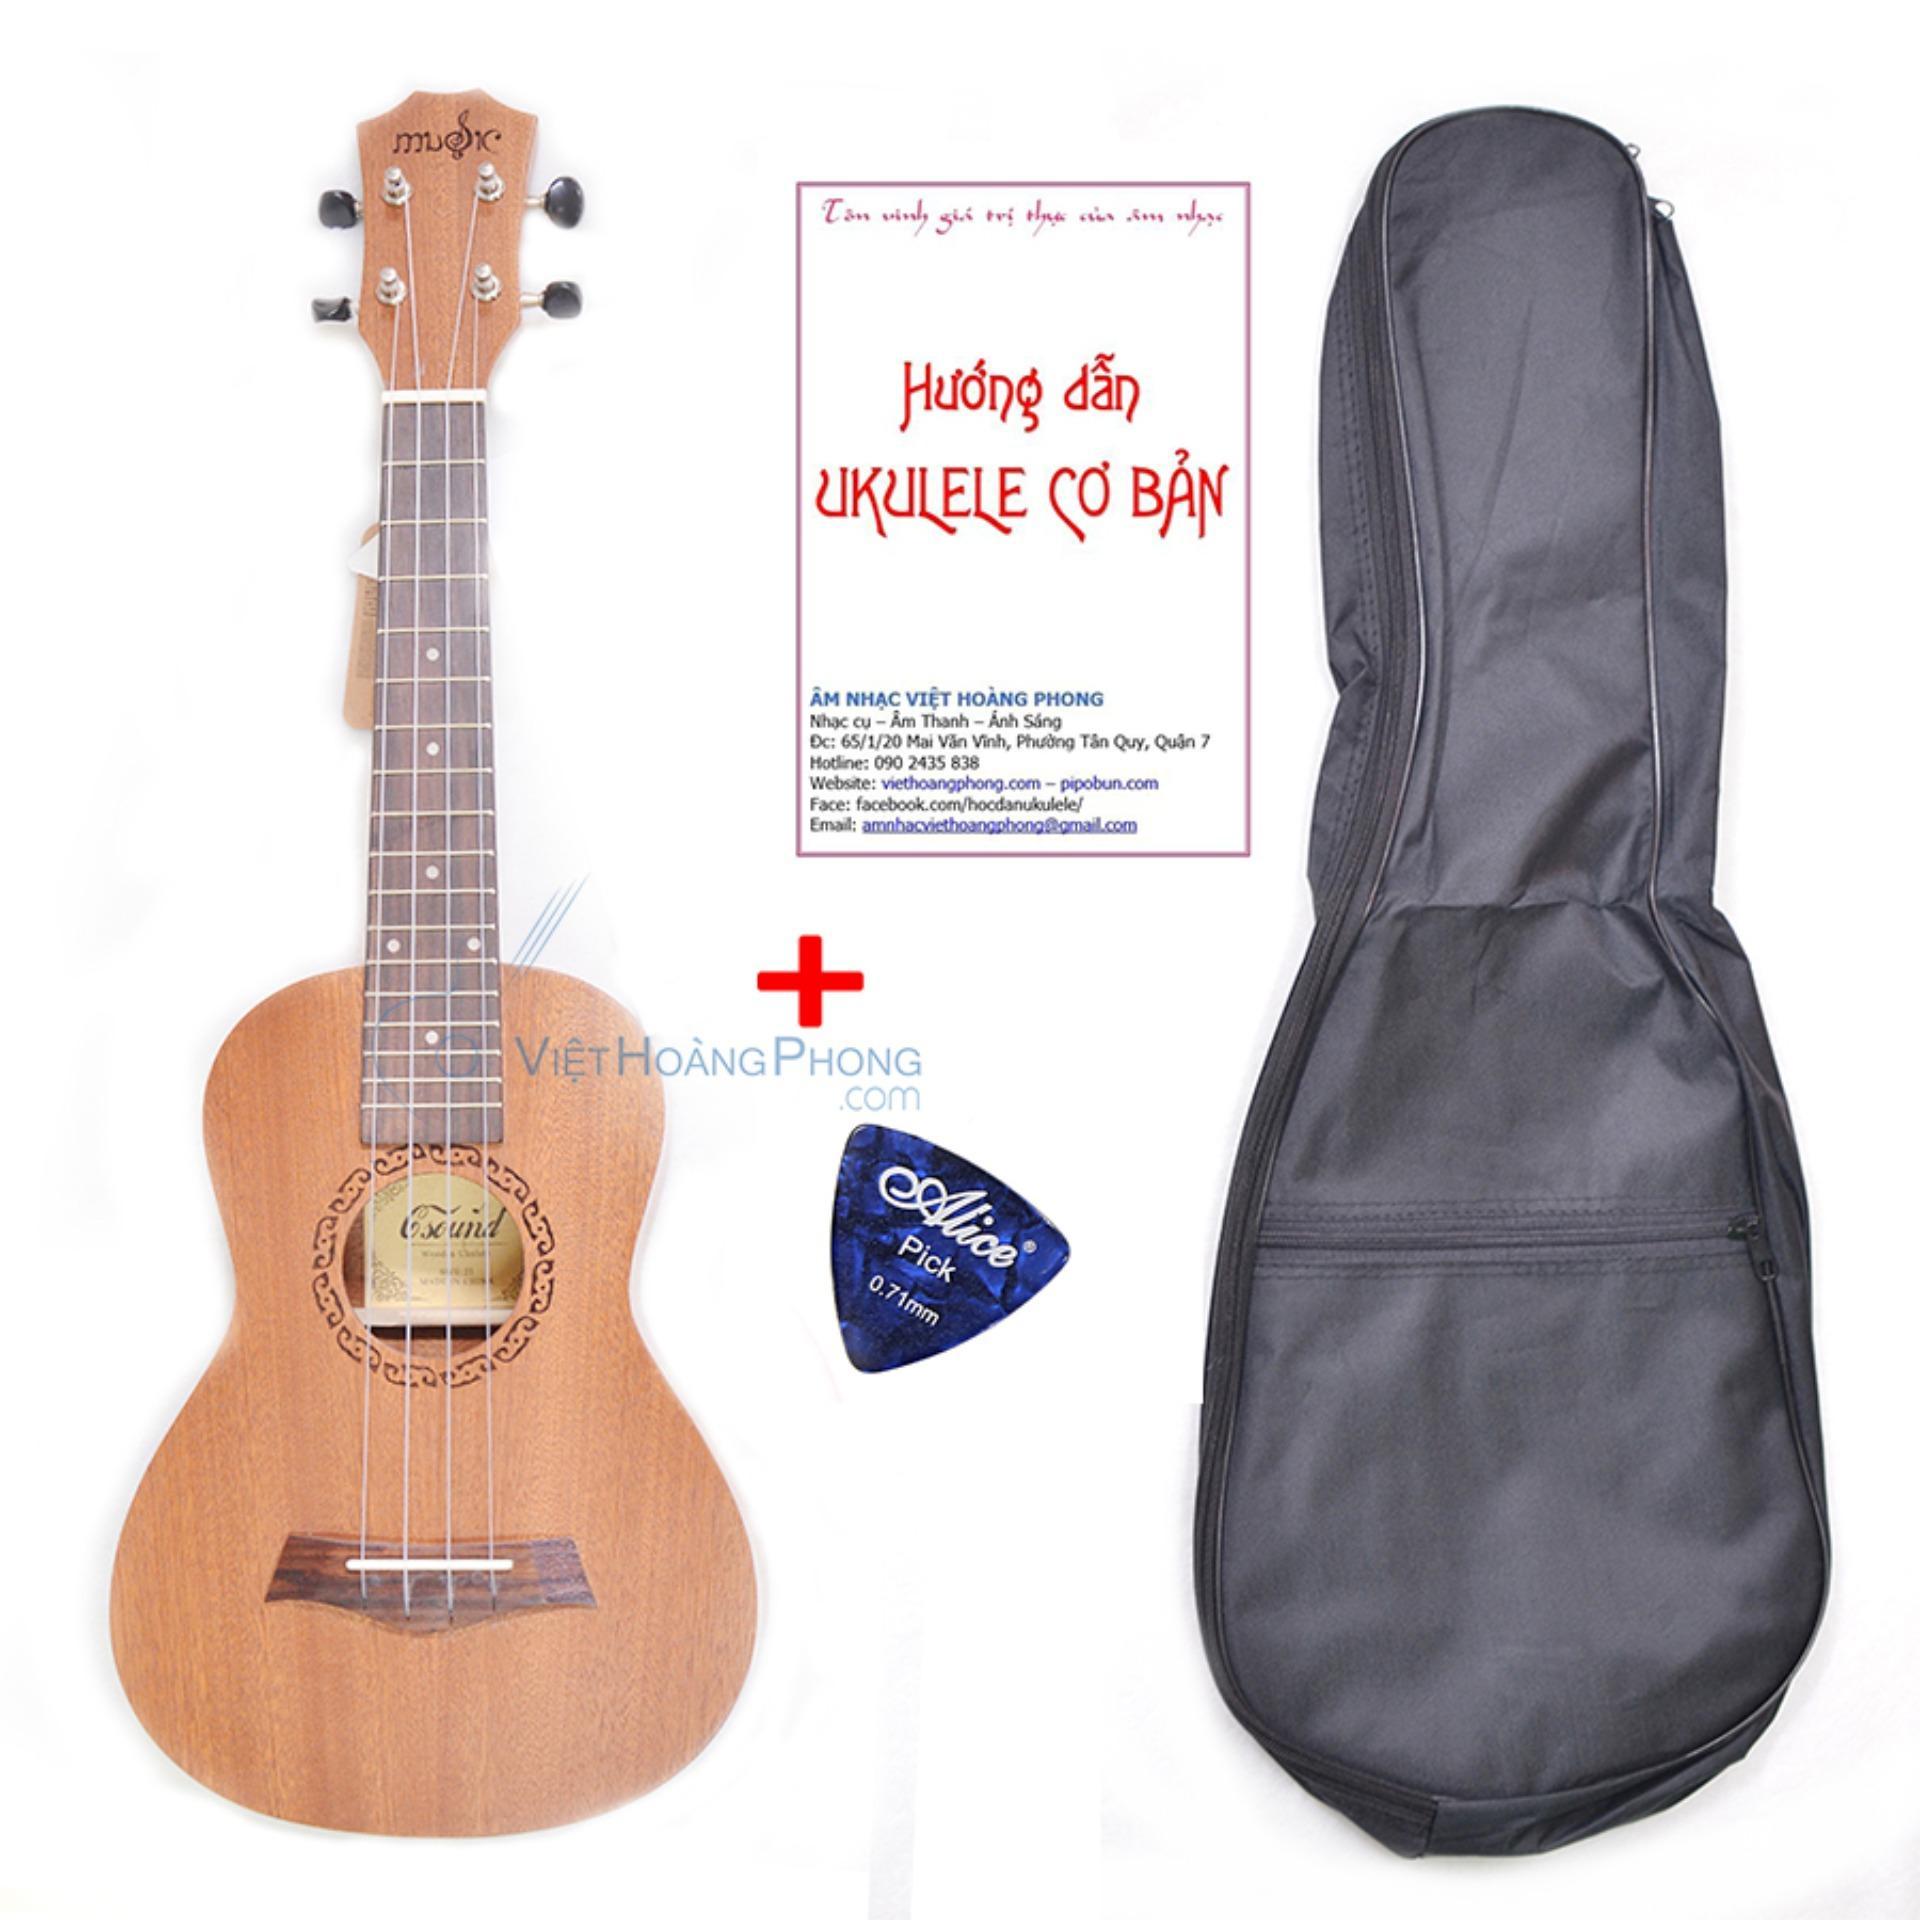 Đàn Ukulele Concert gỗ nguyên tấm Mahogany + Tặng bao đựng, sách học, phím gảy - HappyLive Shop